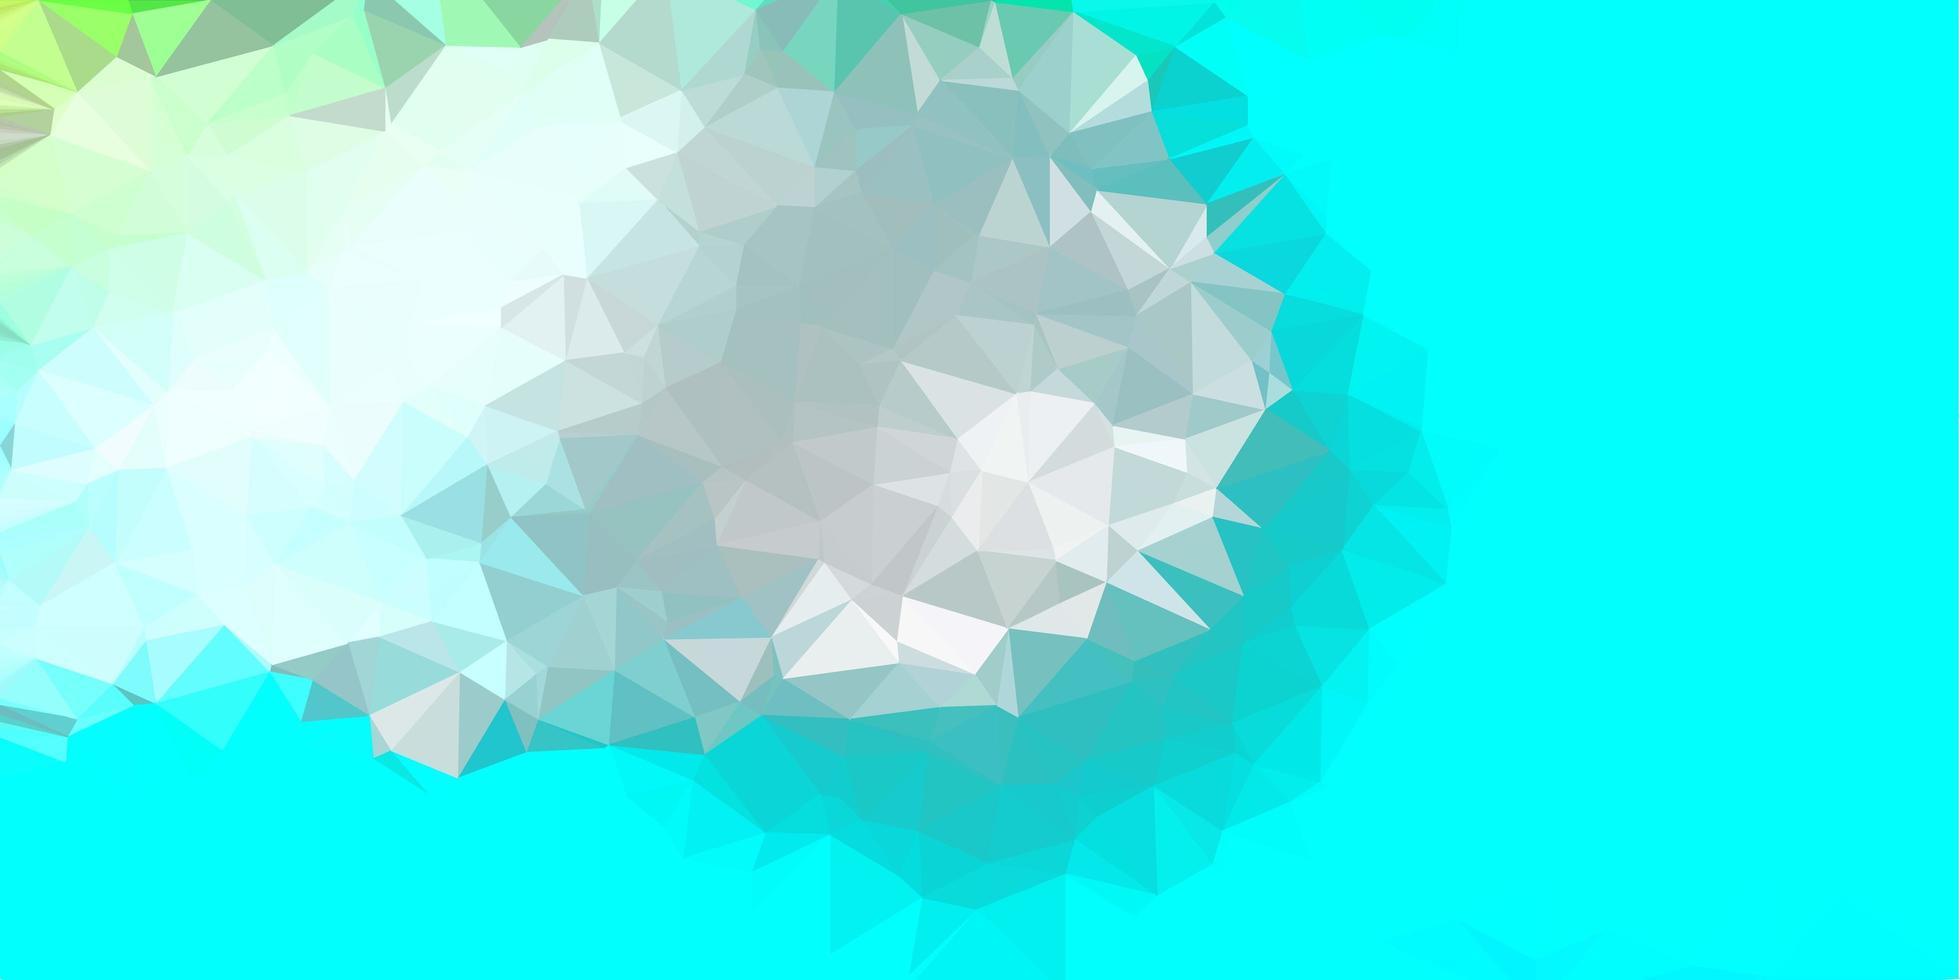 lichtblauw, groen vector driehoek mozaïek ontwerp.